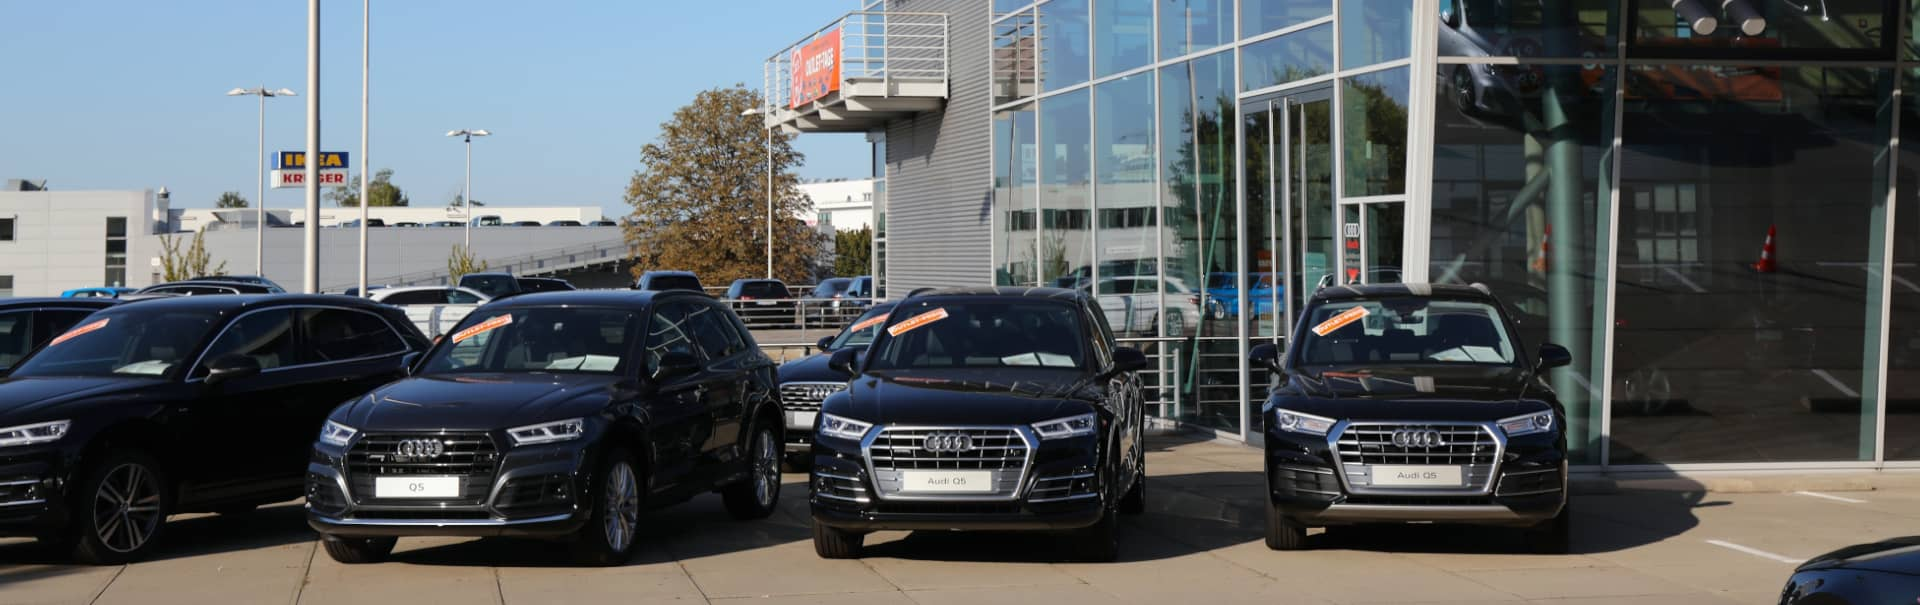 Dieselskandal: Audi haftet auch für verwendete Motoren